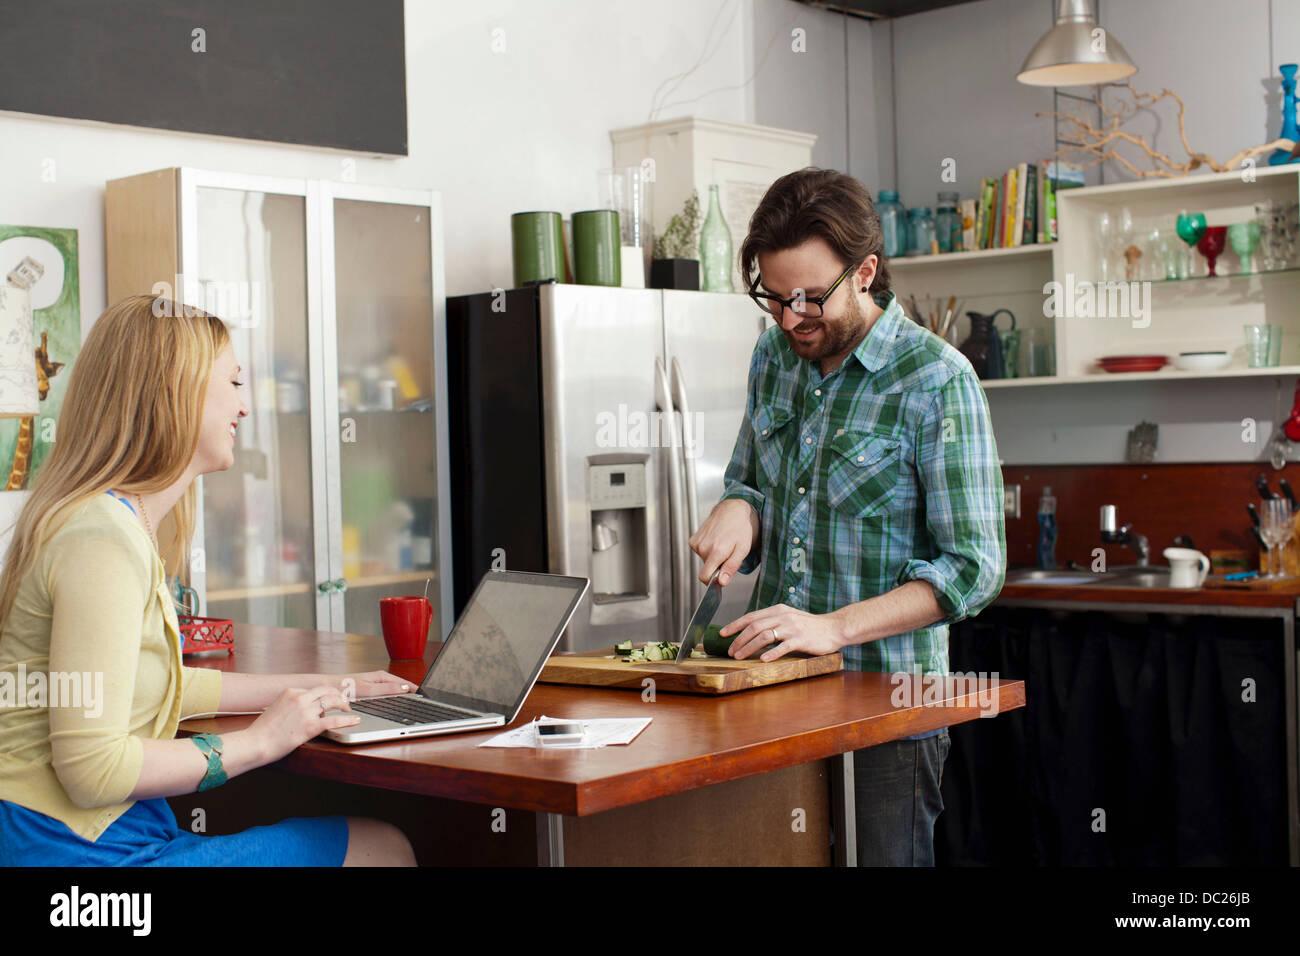 Donna al computer portatile, uomo tritare verdure Immagini Stock